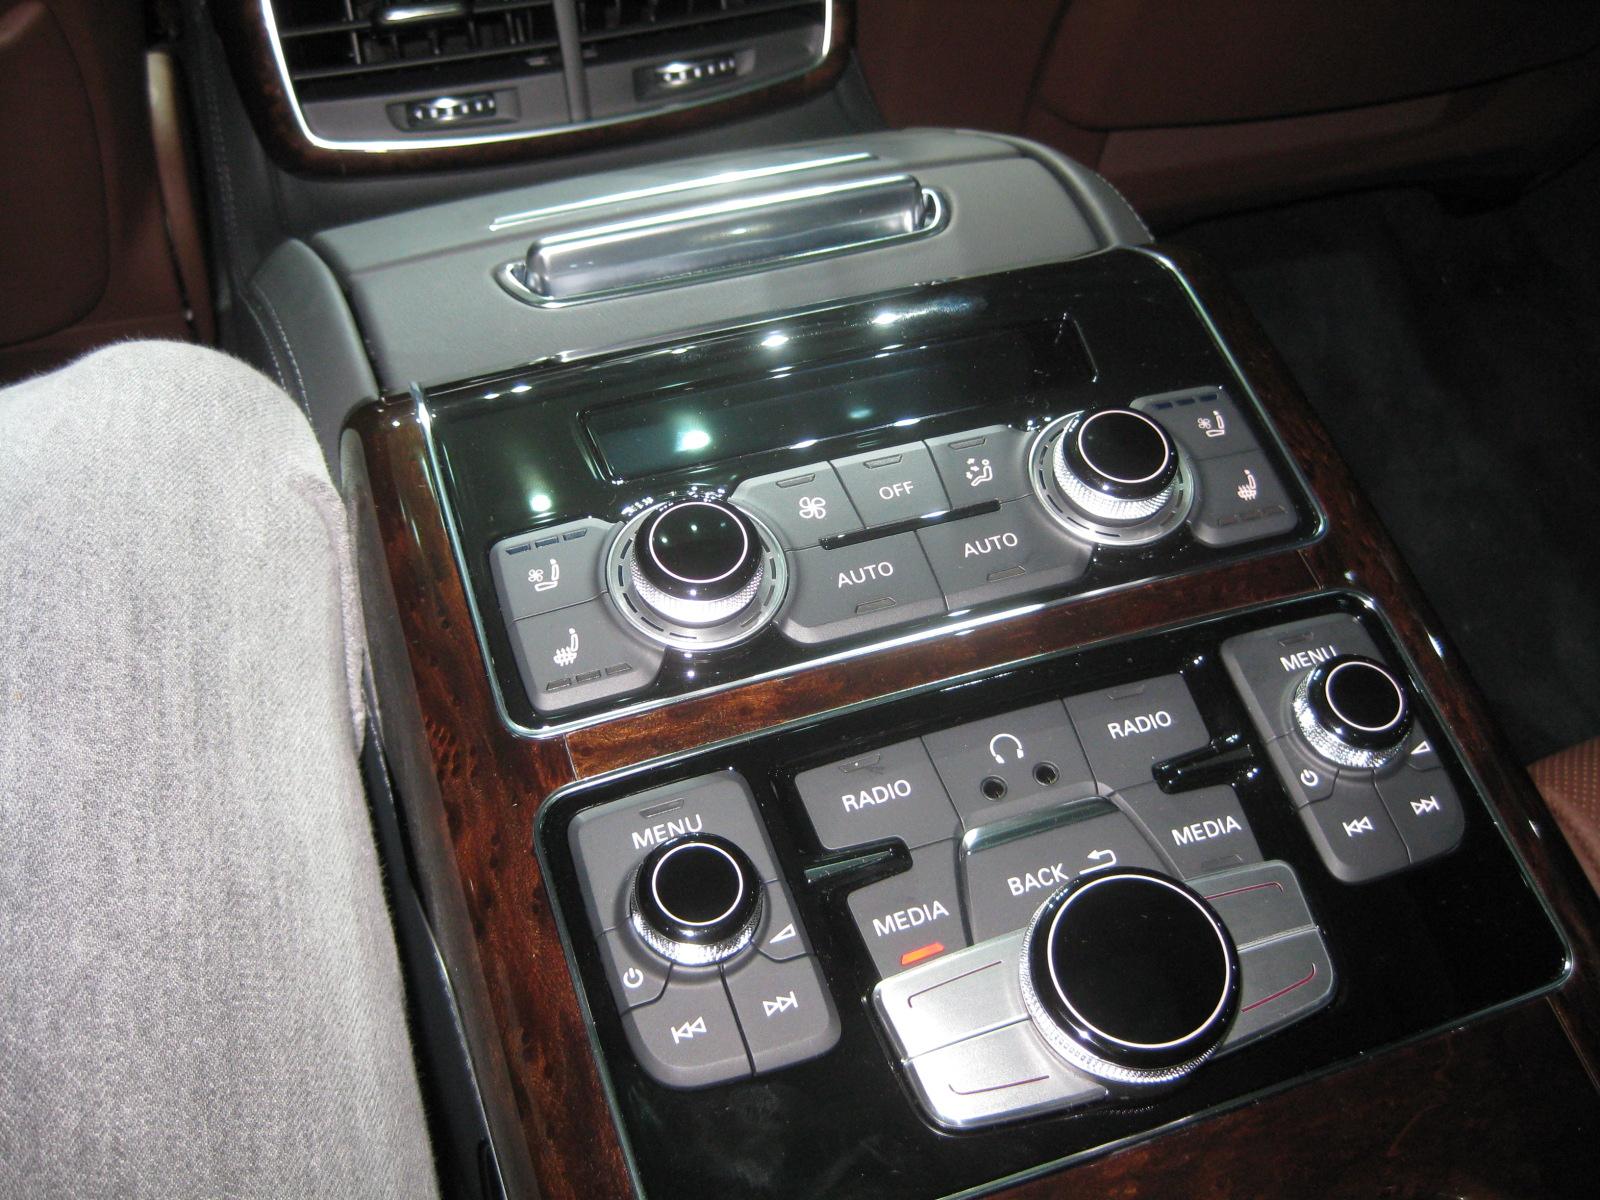 Audi 2013 A8l Tdi Interior Rear Seat Detail Todd